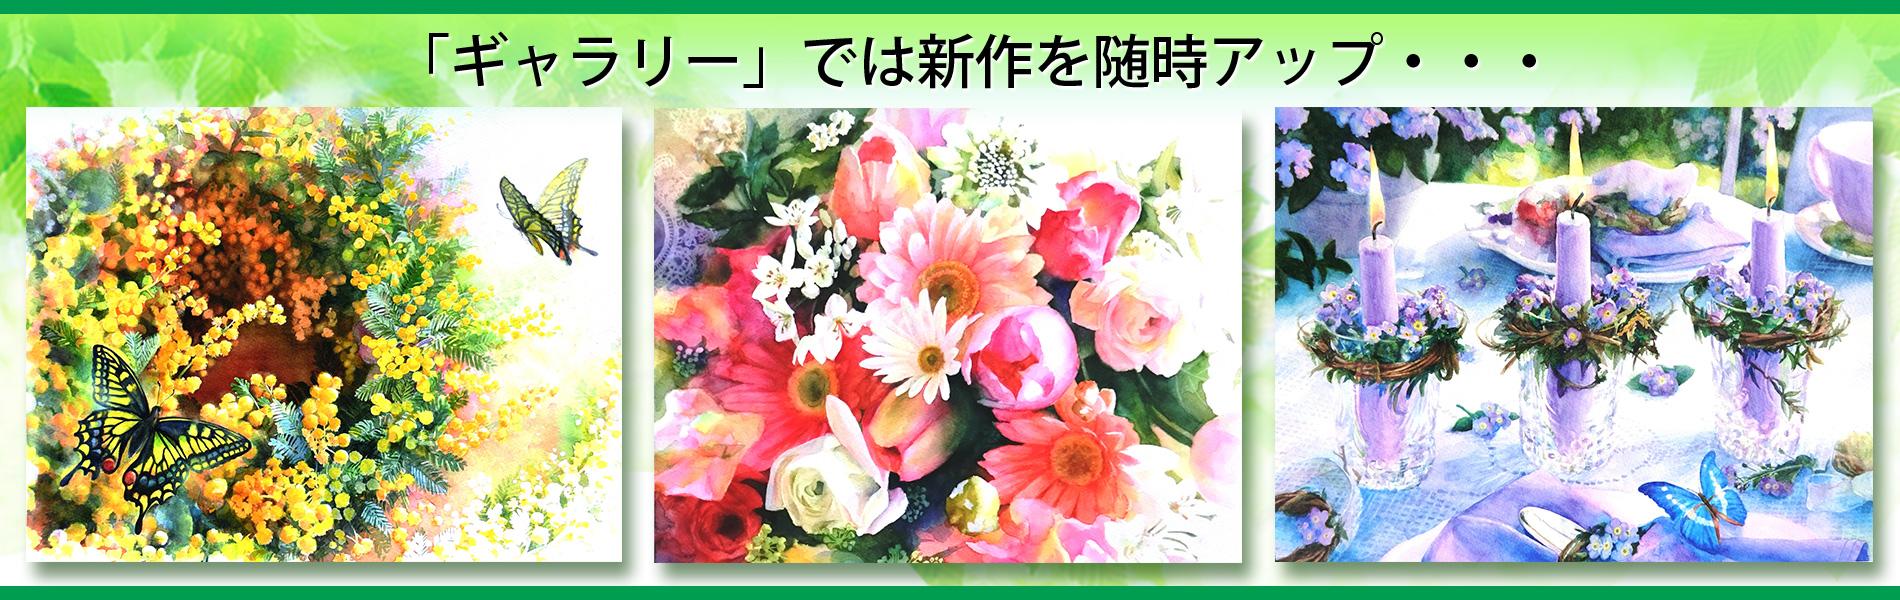 水彩画(花の絵)-2